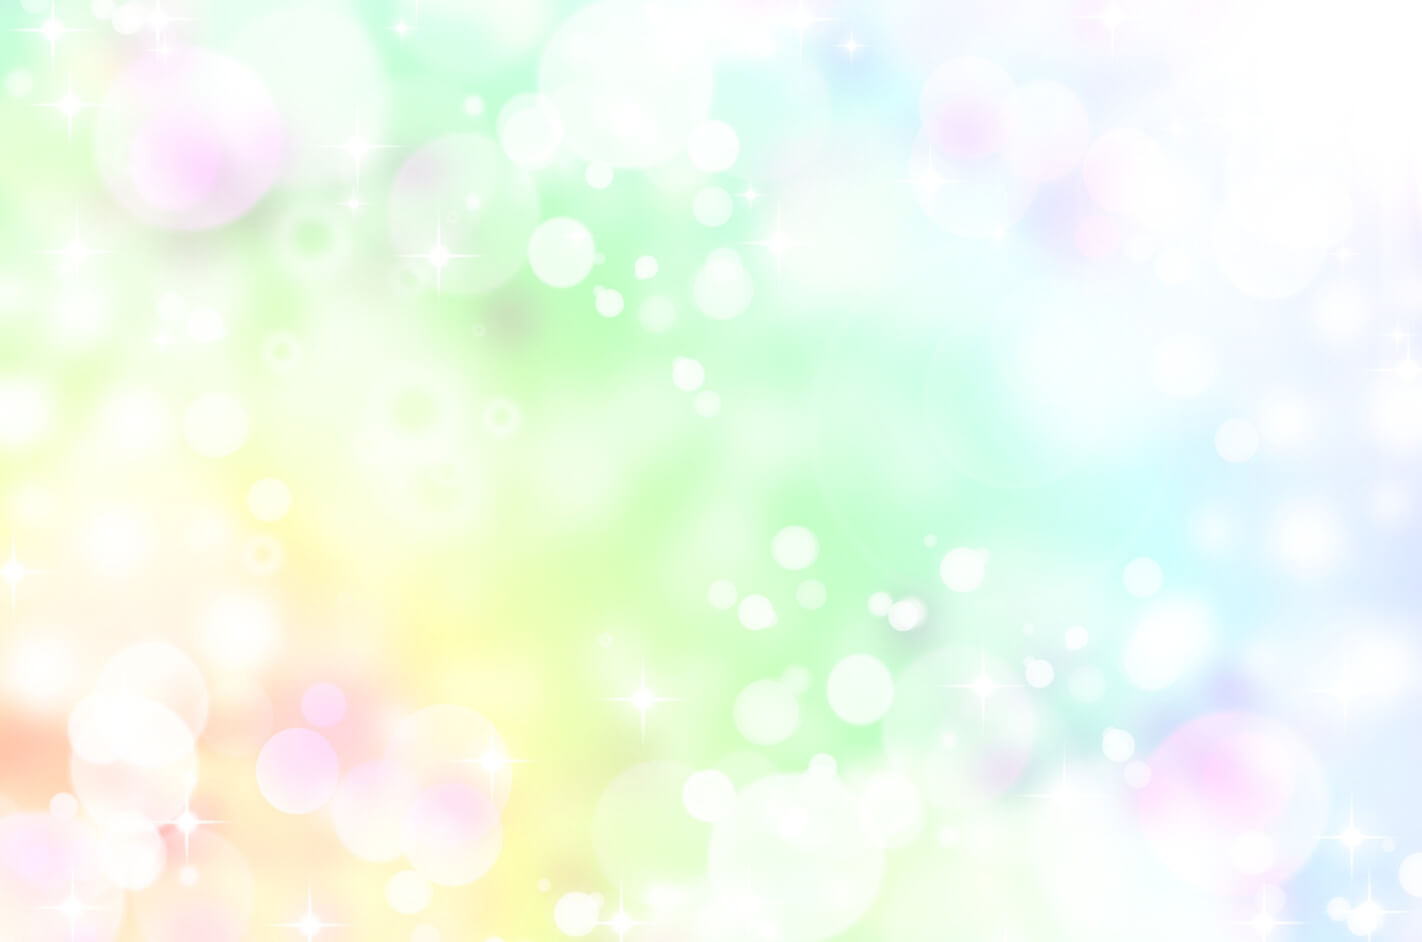 意識の集合体のイメージ